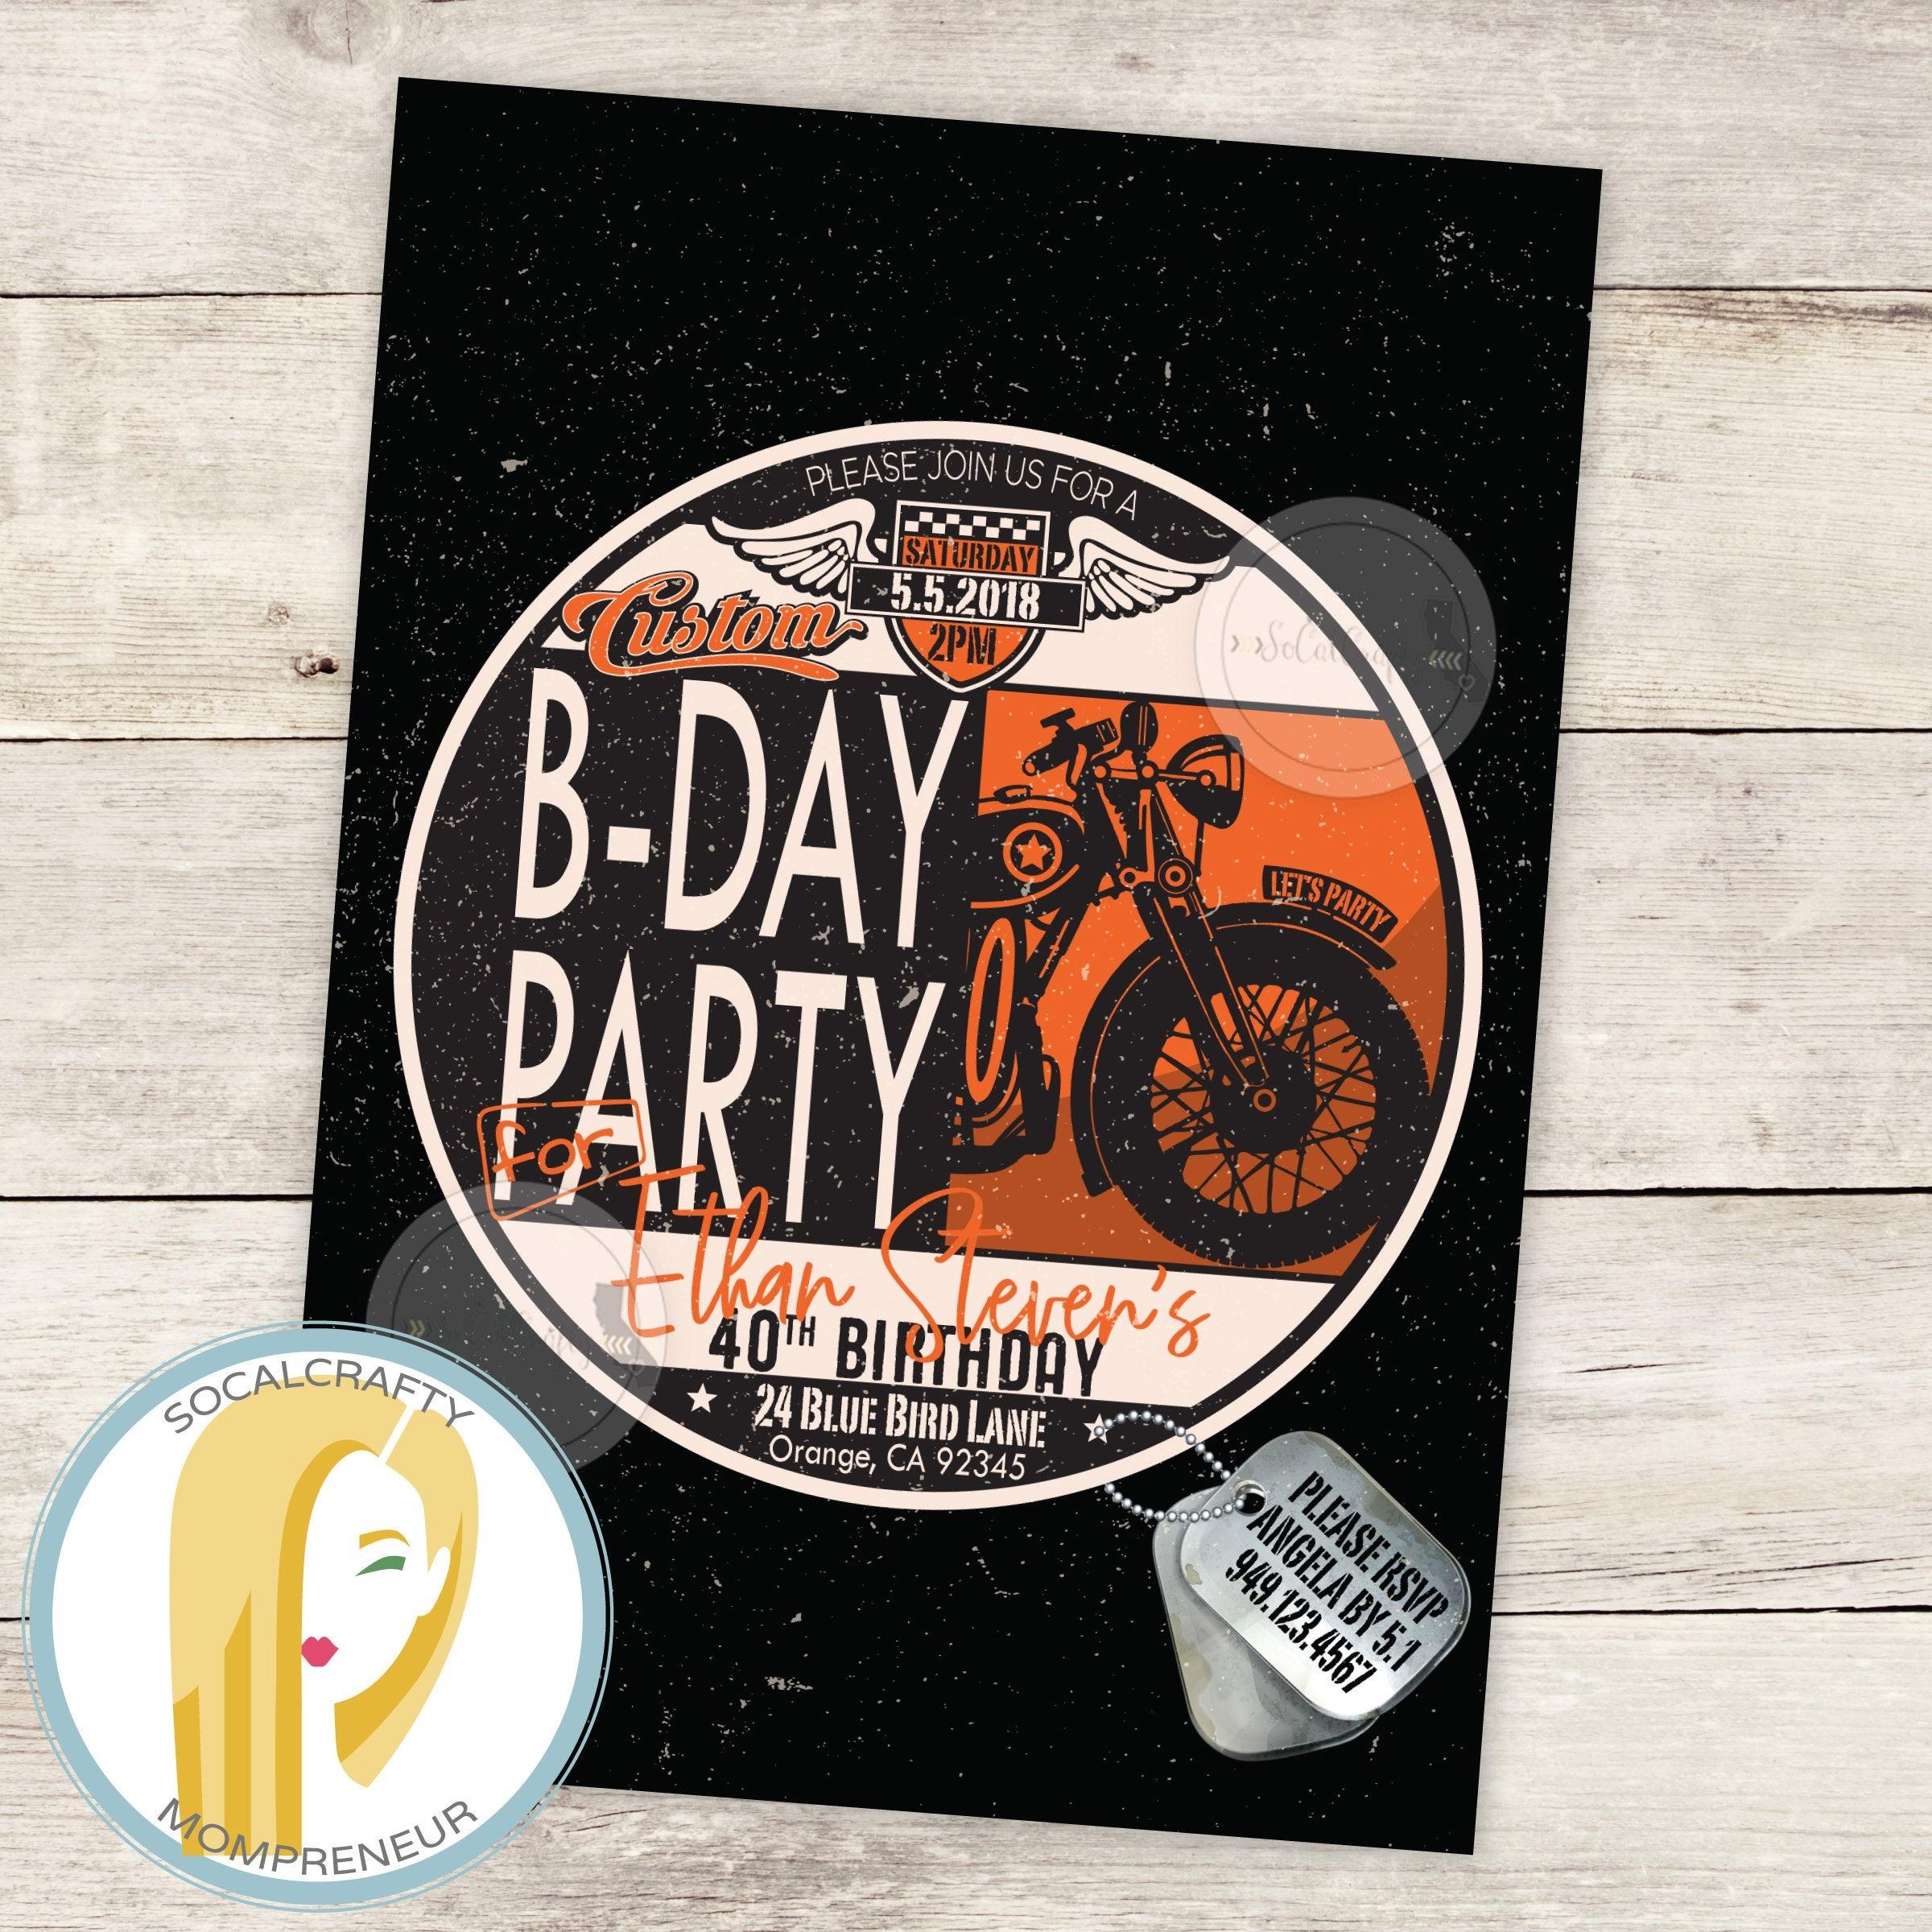 Harley Davidson Birthday Party Invitation Motorcycle | Etsy - Free Printable Harley Davidson Birthday Invitations